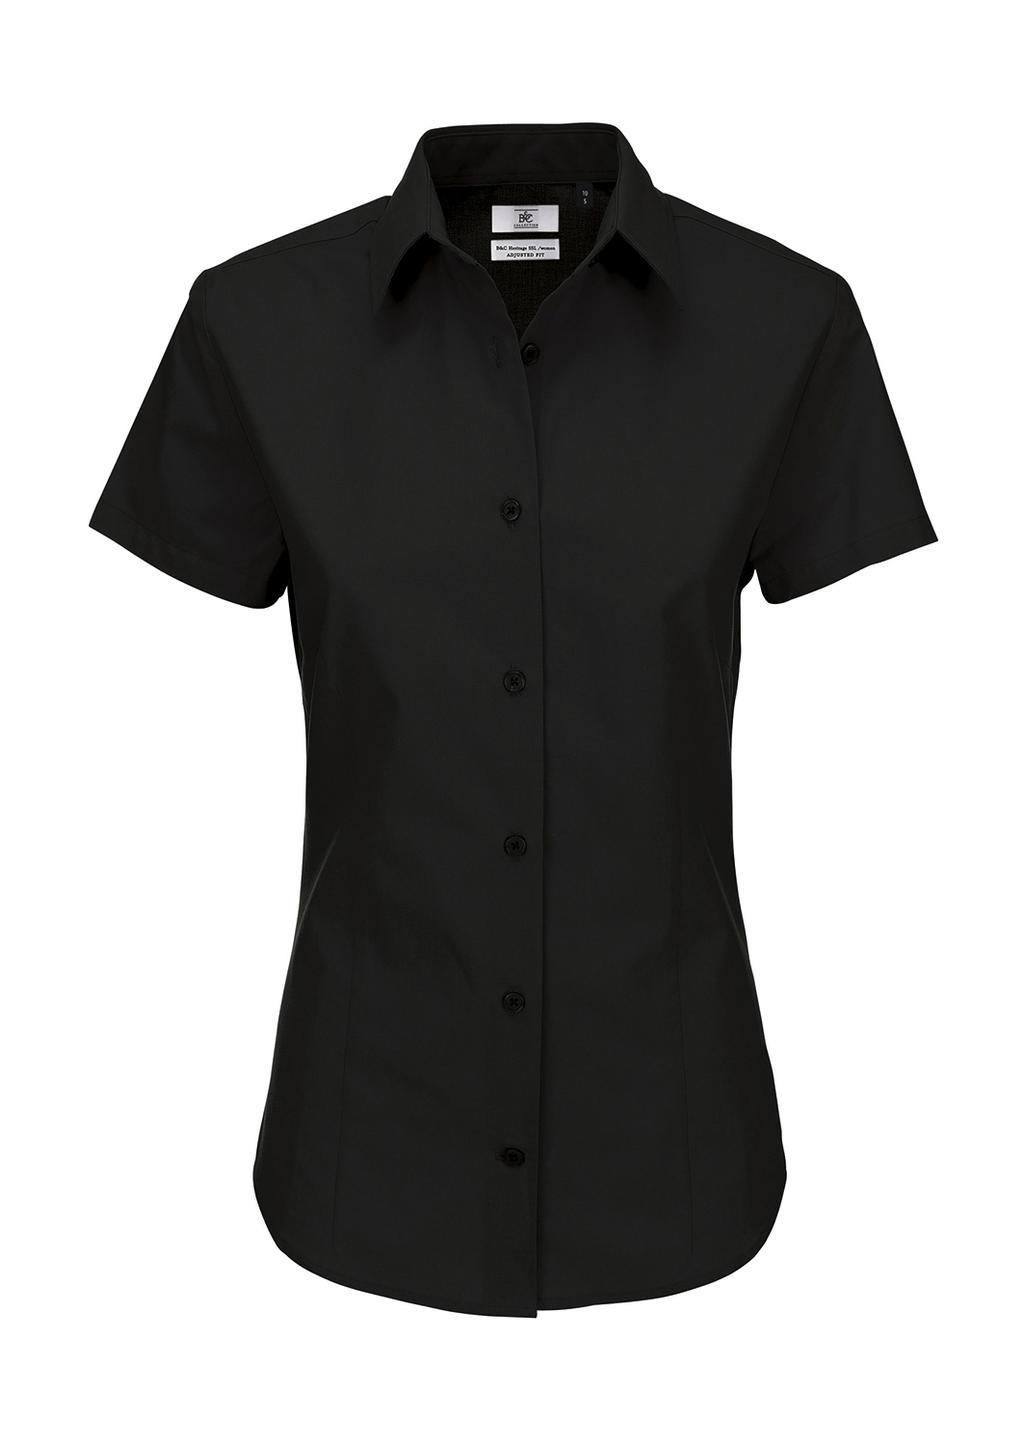 Dámská popelínová košile s krátkým rukávem - zvìtšit obrázek